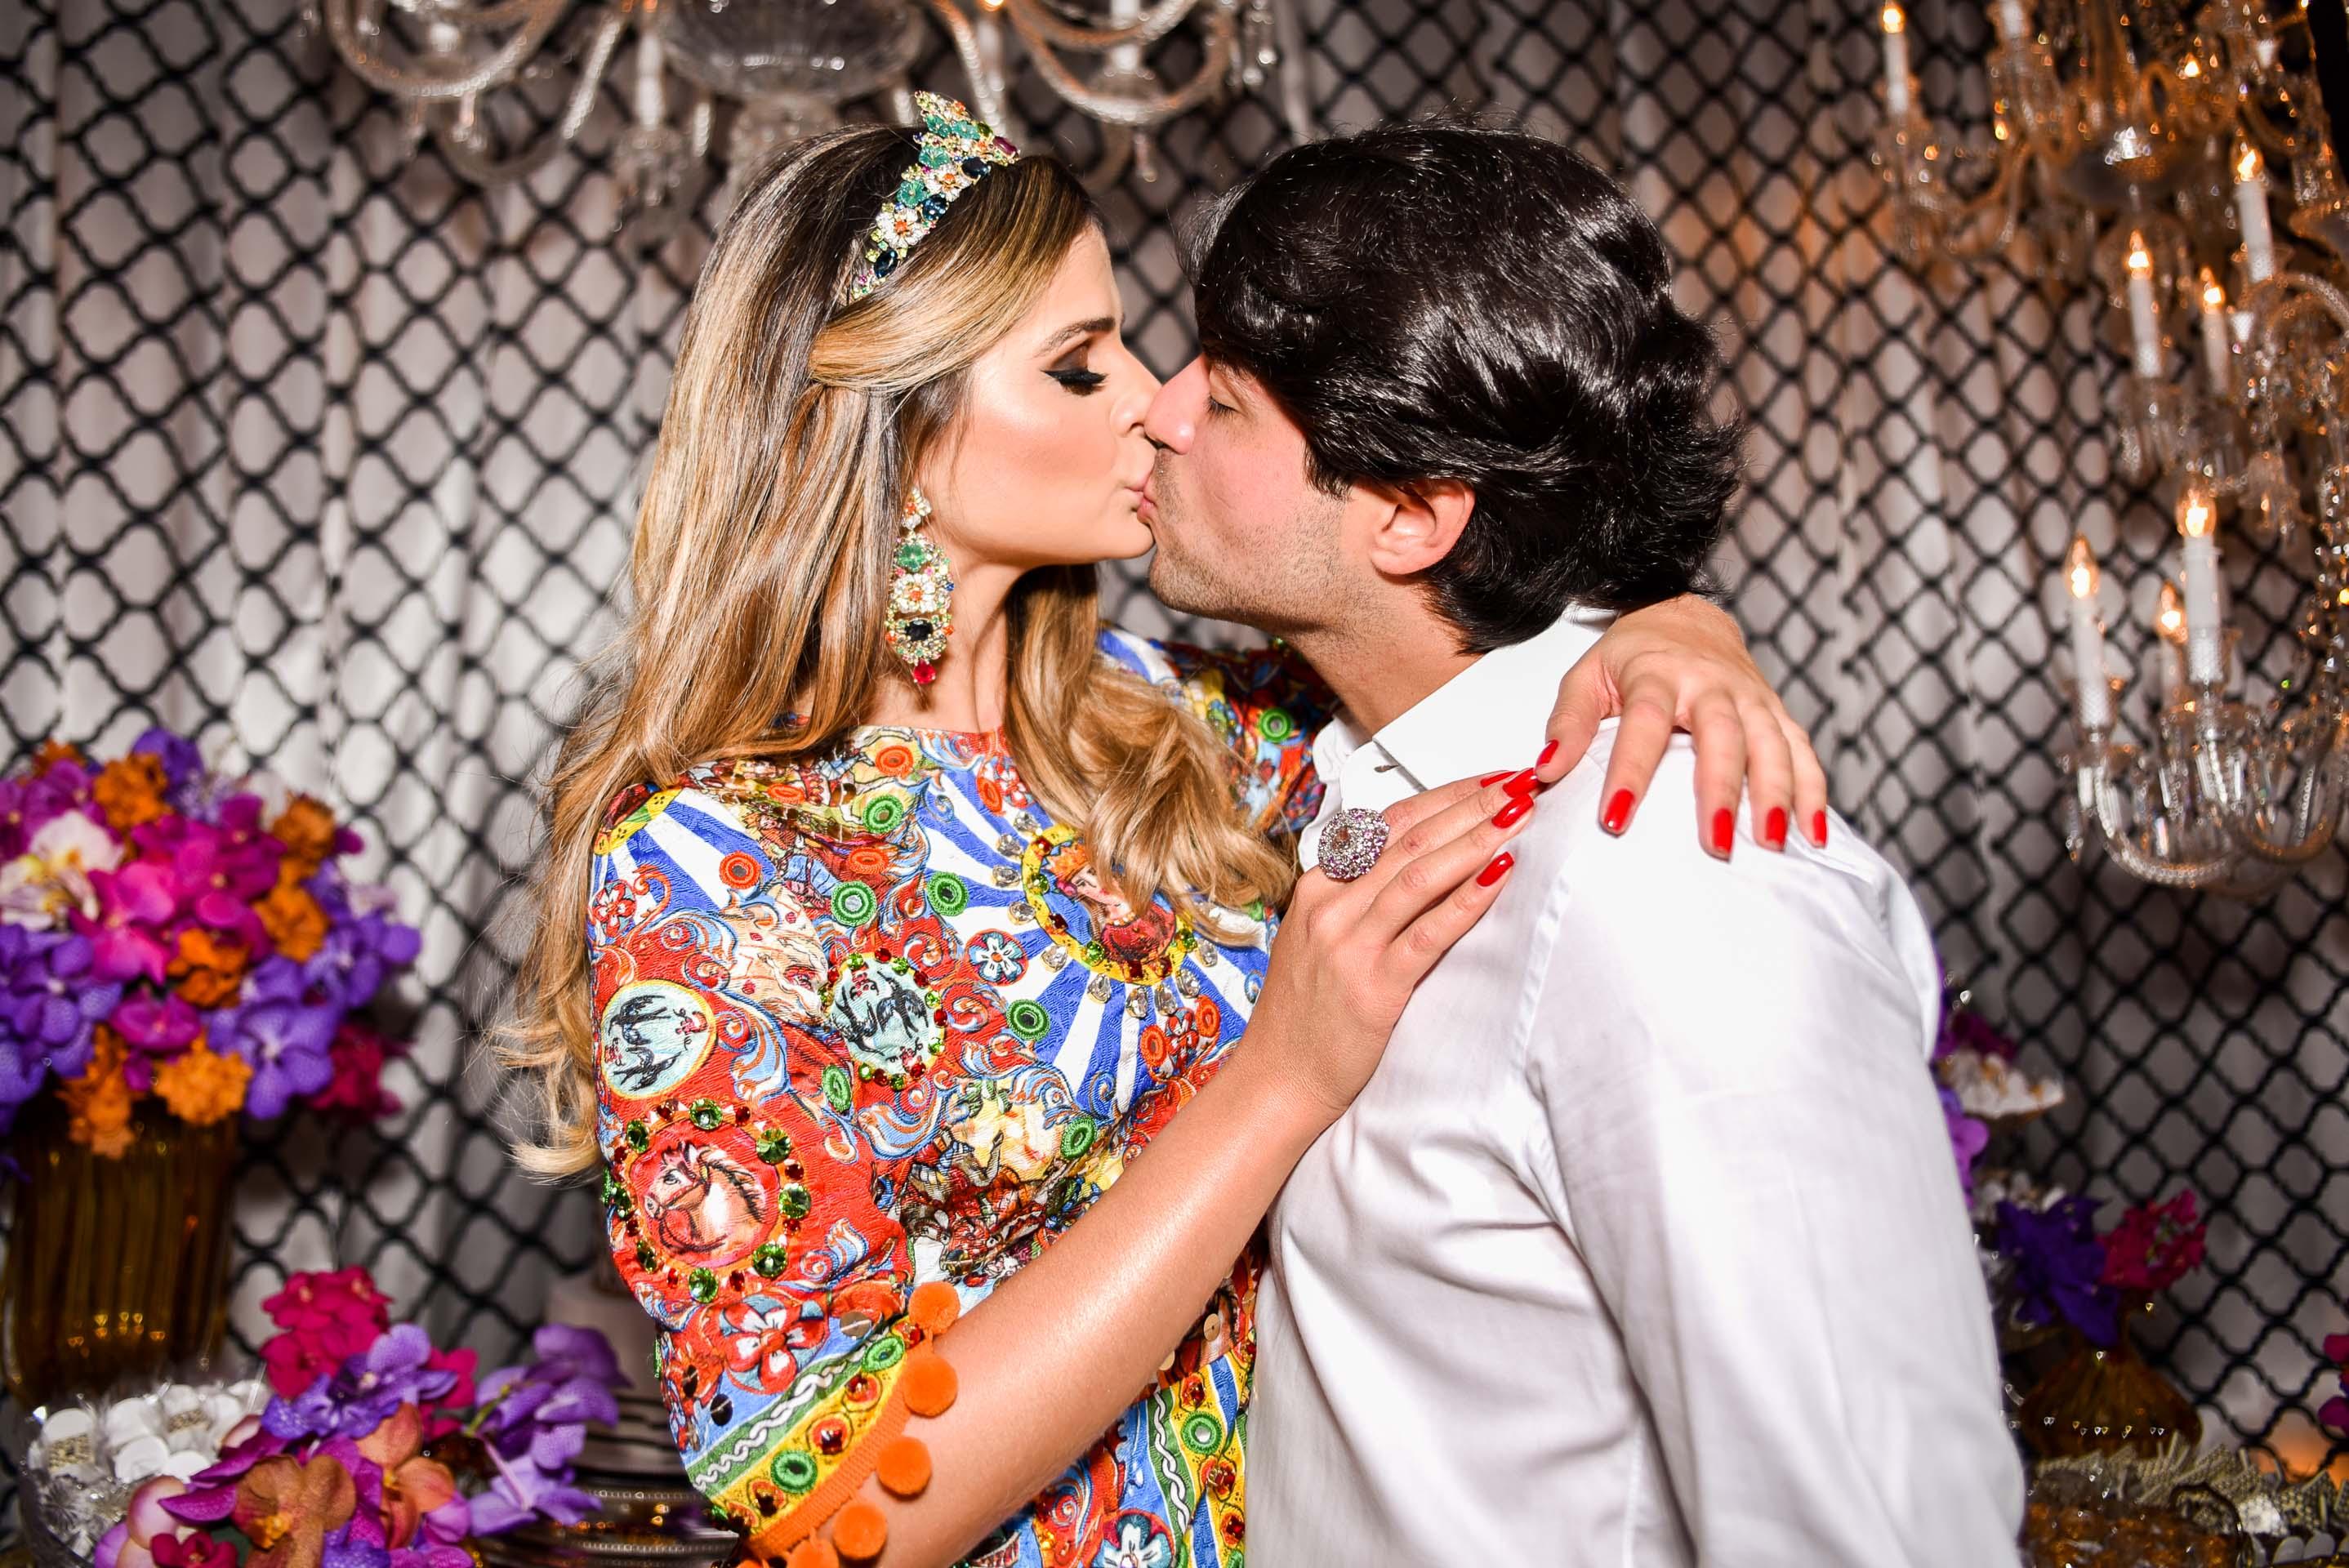 Thassia Naves com o namorado Artur Attie - Crédito: RhaiffeOrtiz/Divulgação